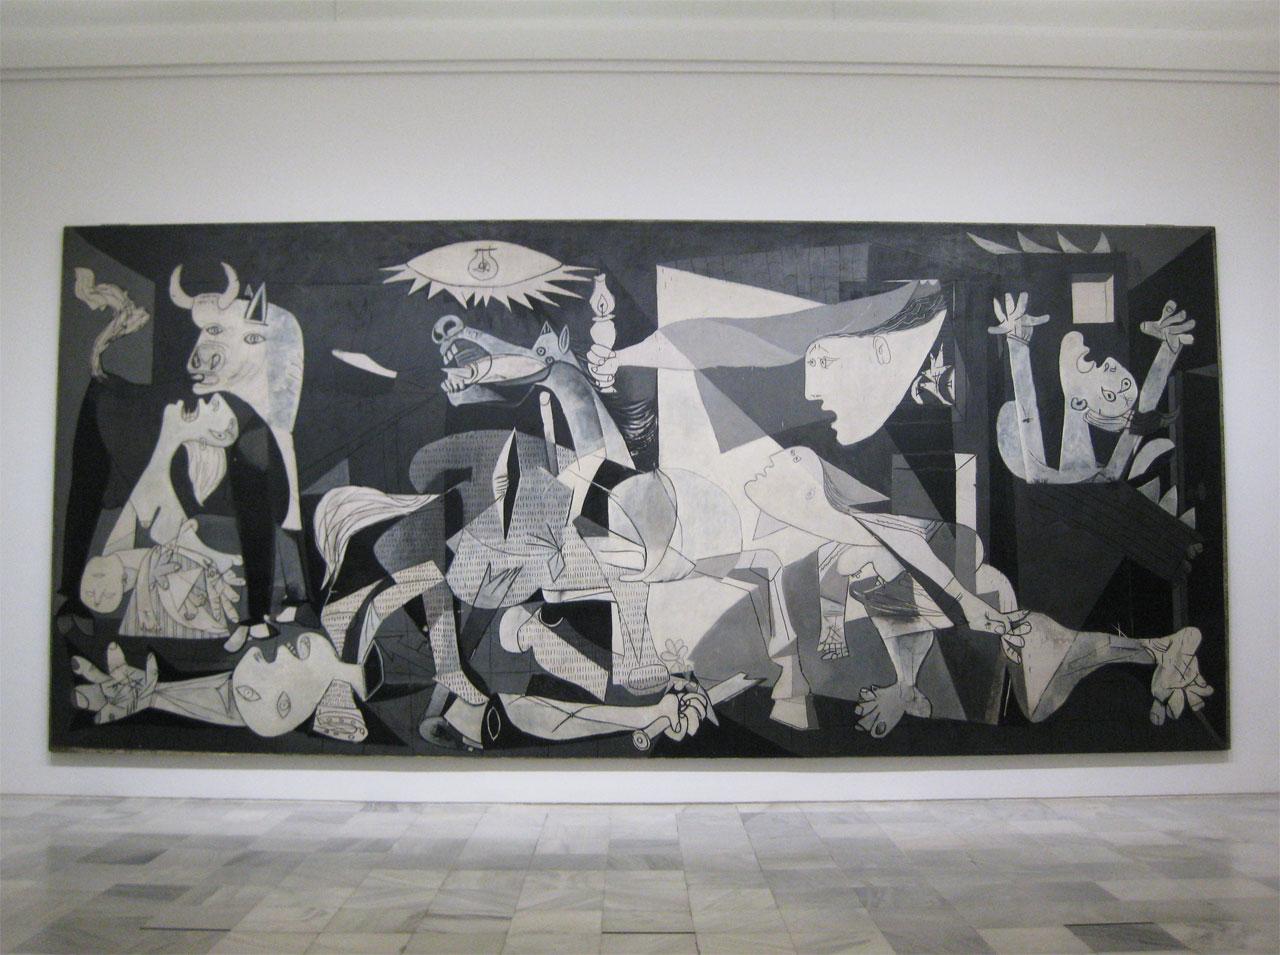 Picasso's 'Guernica', Museo Reina Sofia, Madrid